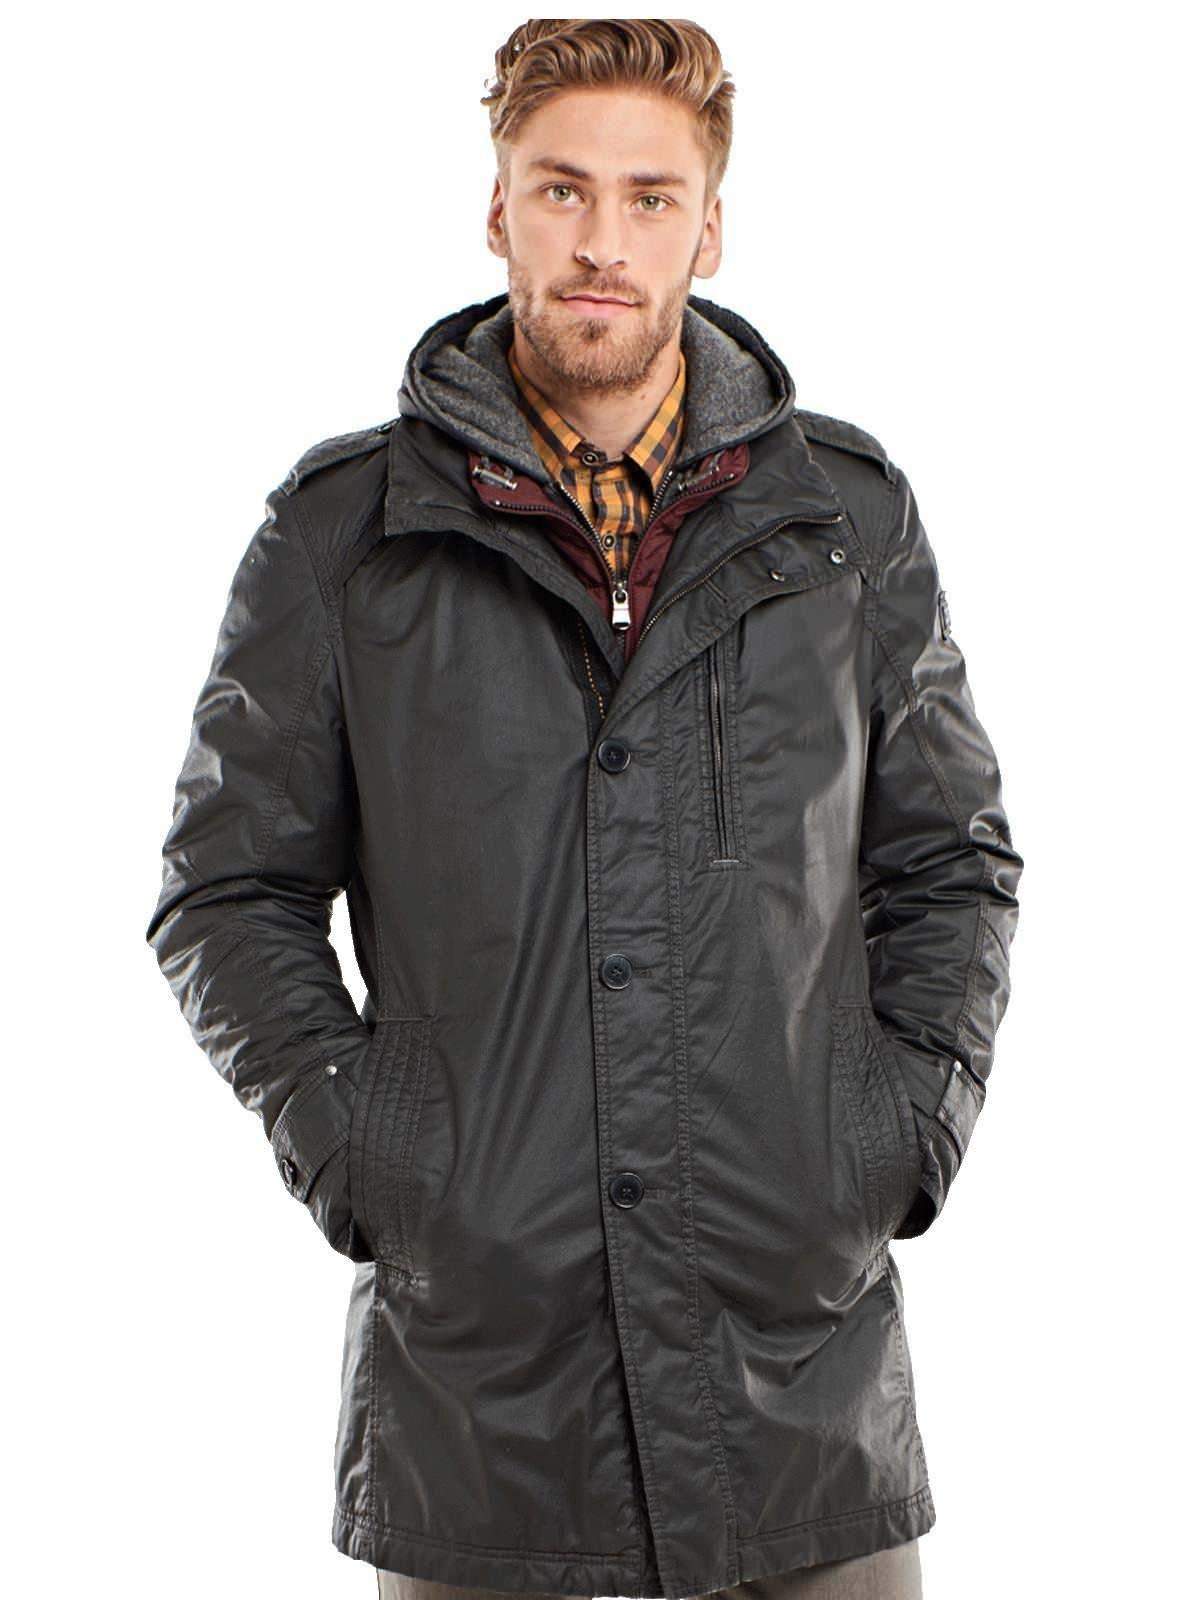 engbers Mantel mit hochwertiger Beschichtung   Bekleidung > Mäntel > Sonstige Mäntel   Grau   Baumwolle   Engbers